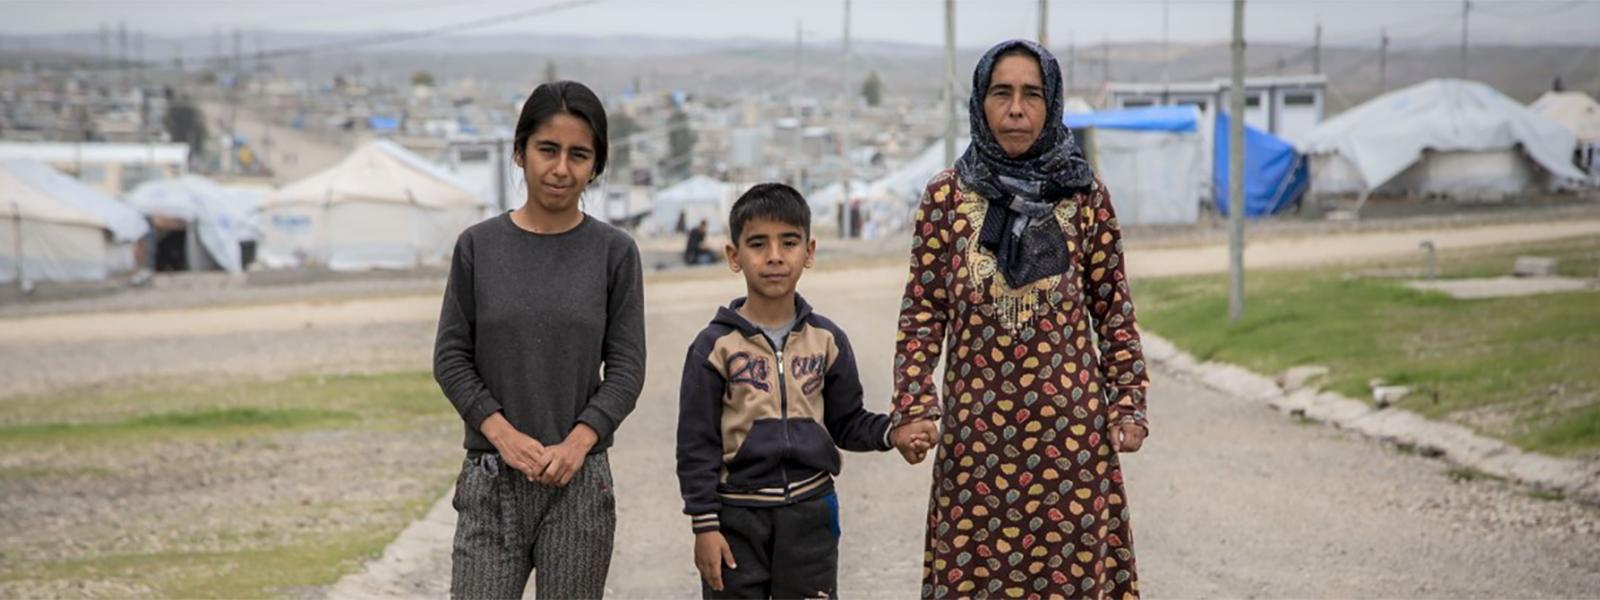 Joka kuudes lapsi elää konfliktialueella